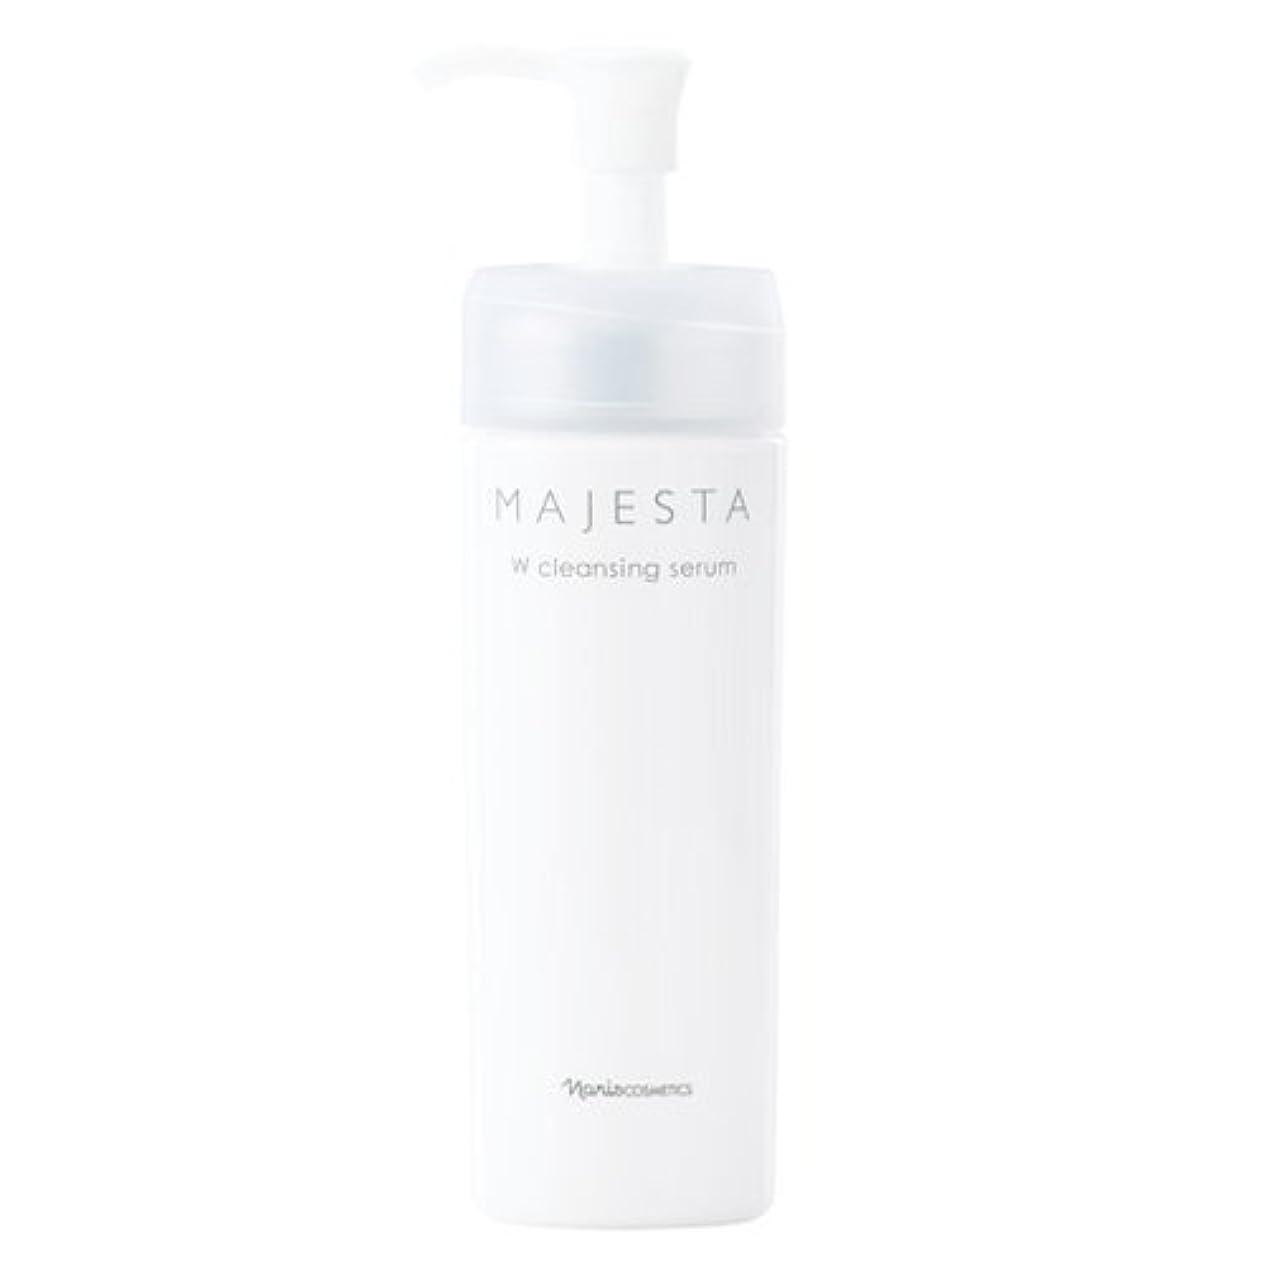 廃棄するパイントモノグラフナリス化粧品 マジェスタ Wクレンジングセラム(クレンジング?洗顔料)180mL